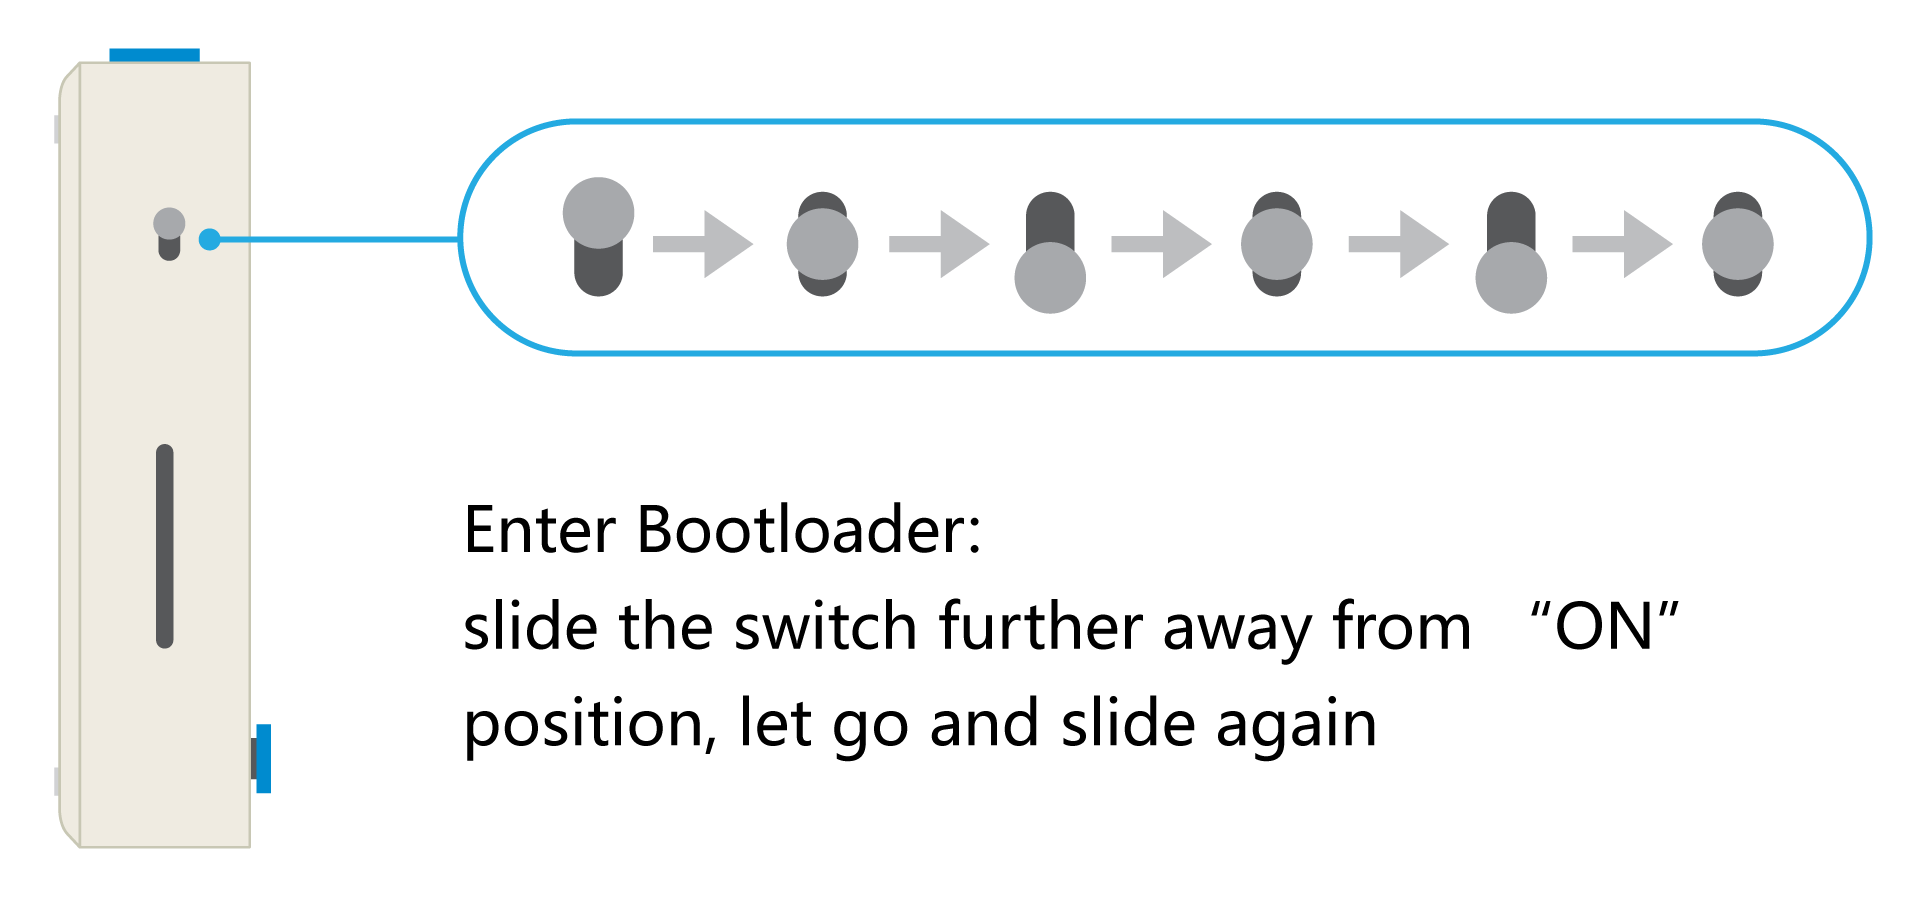 enter_bootloader_wio